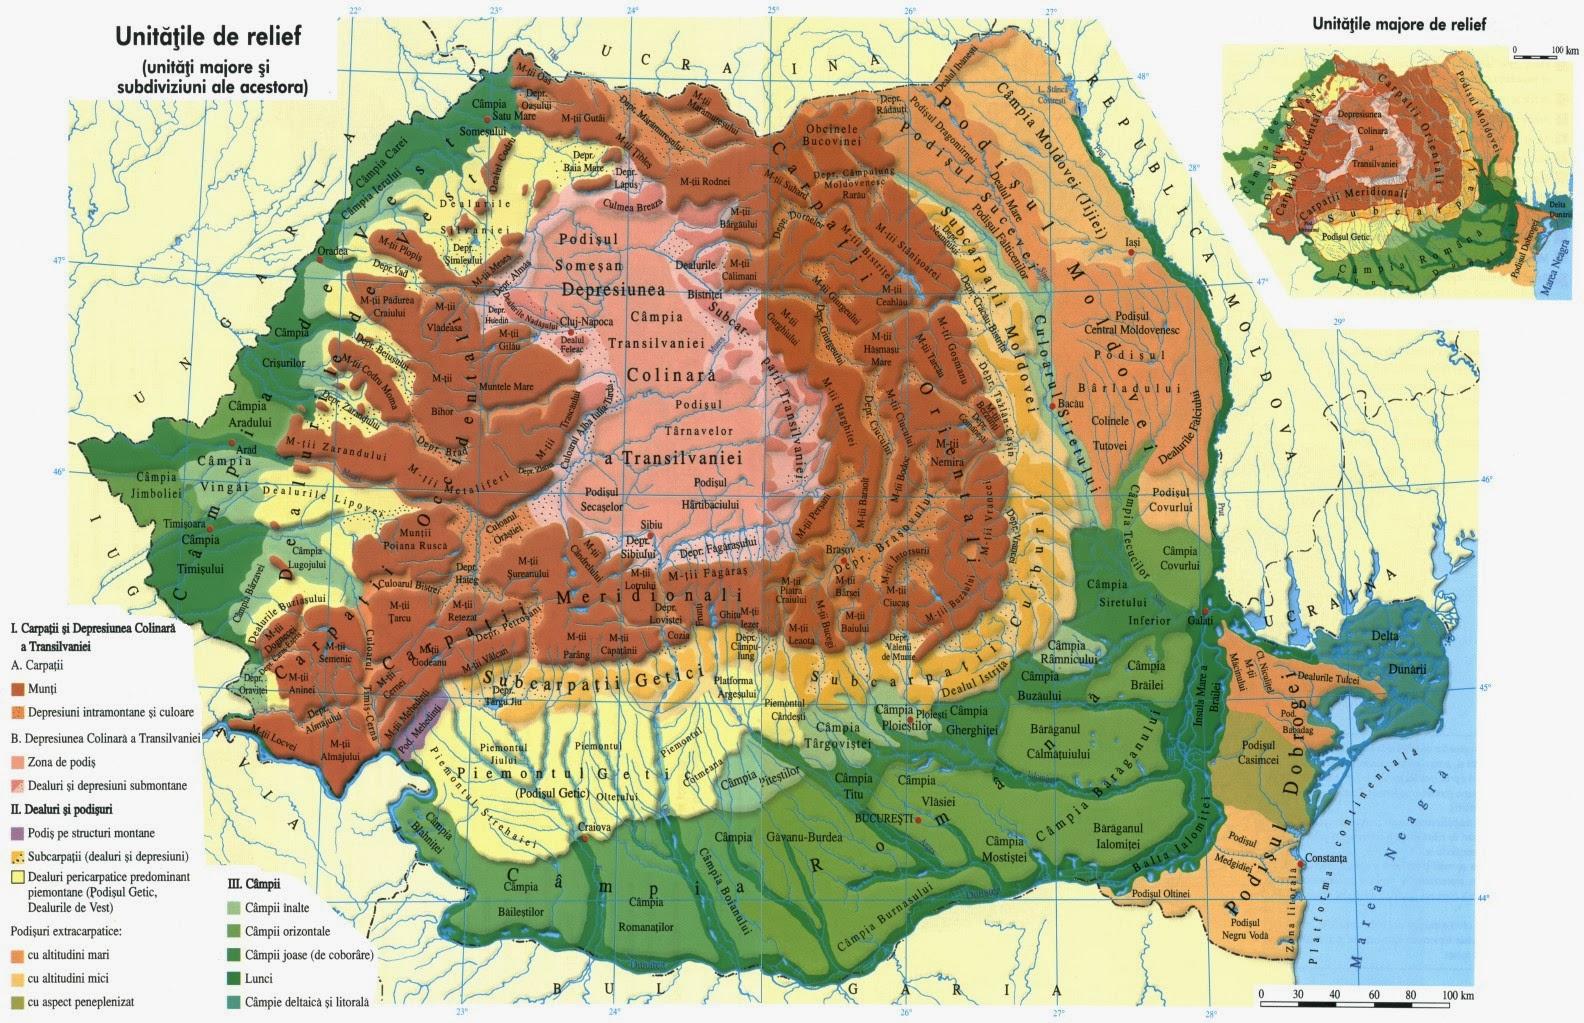 Harta Unitati Majore De Relief Romania Harta